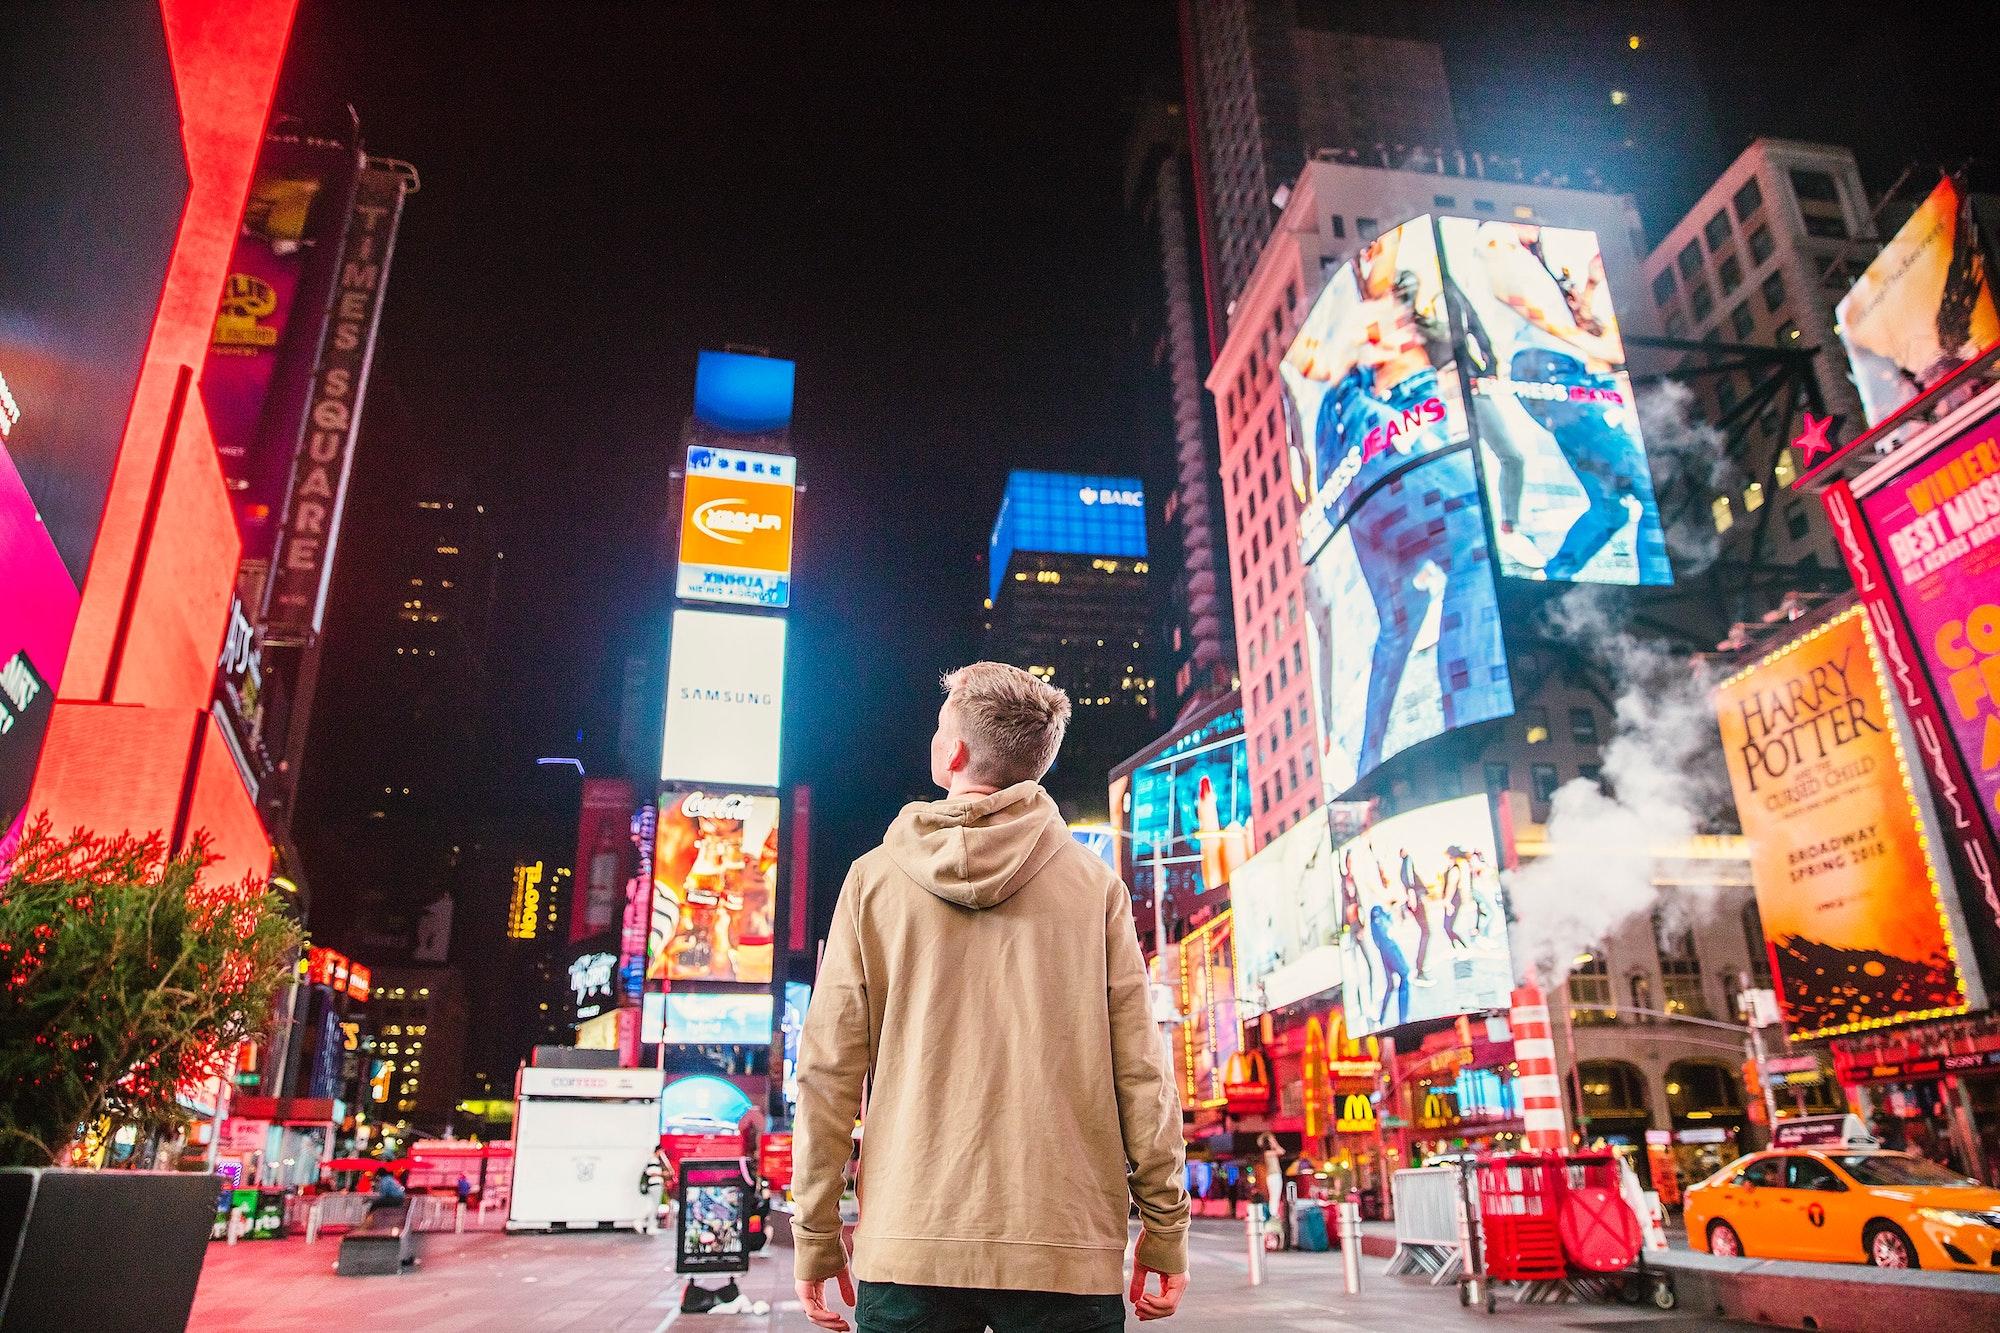 Personne face à plein de pubs à Times Square